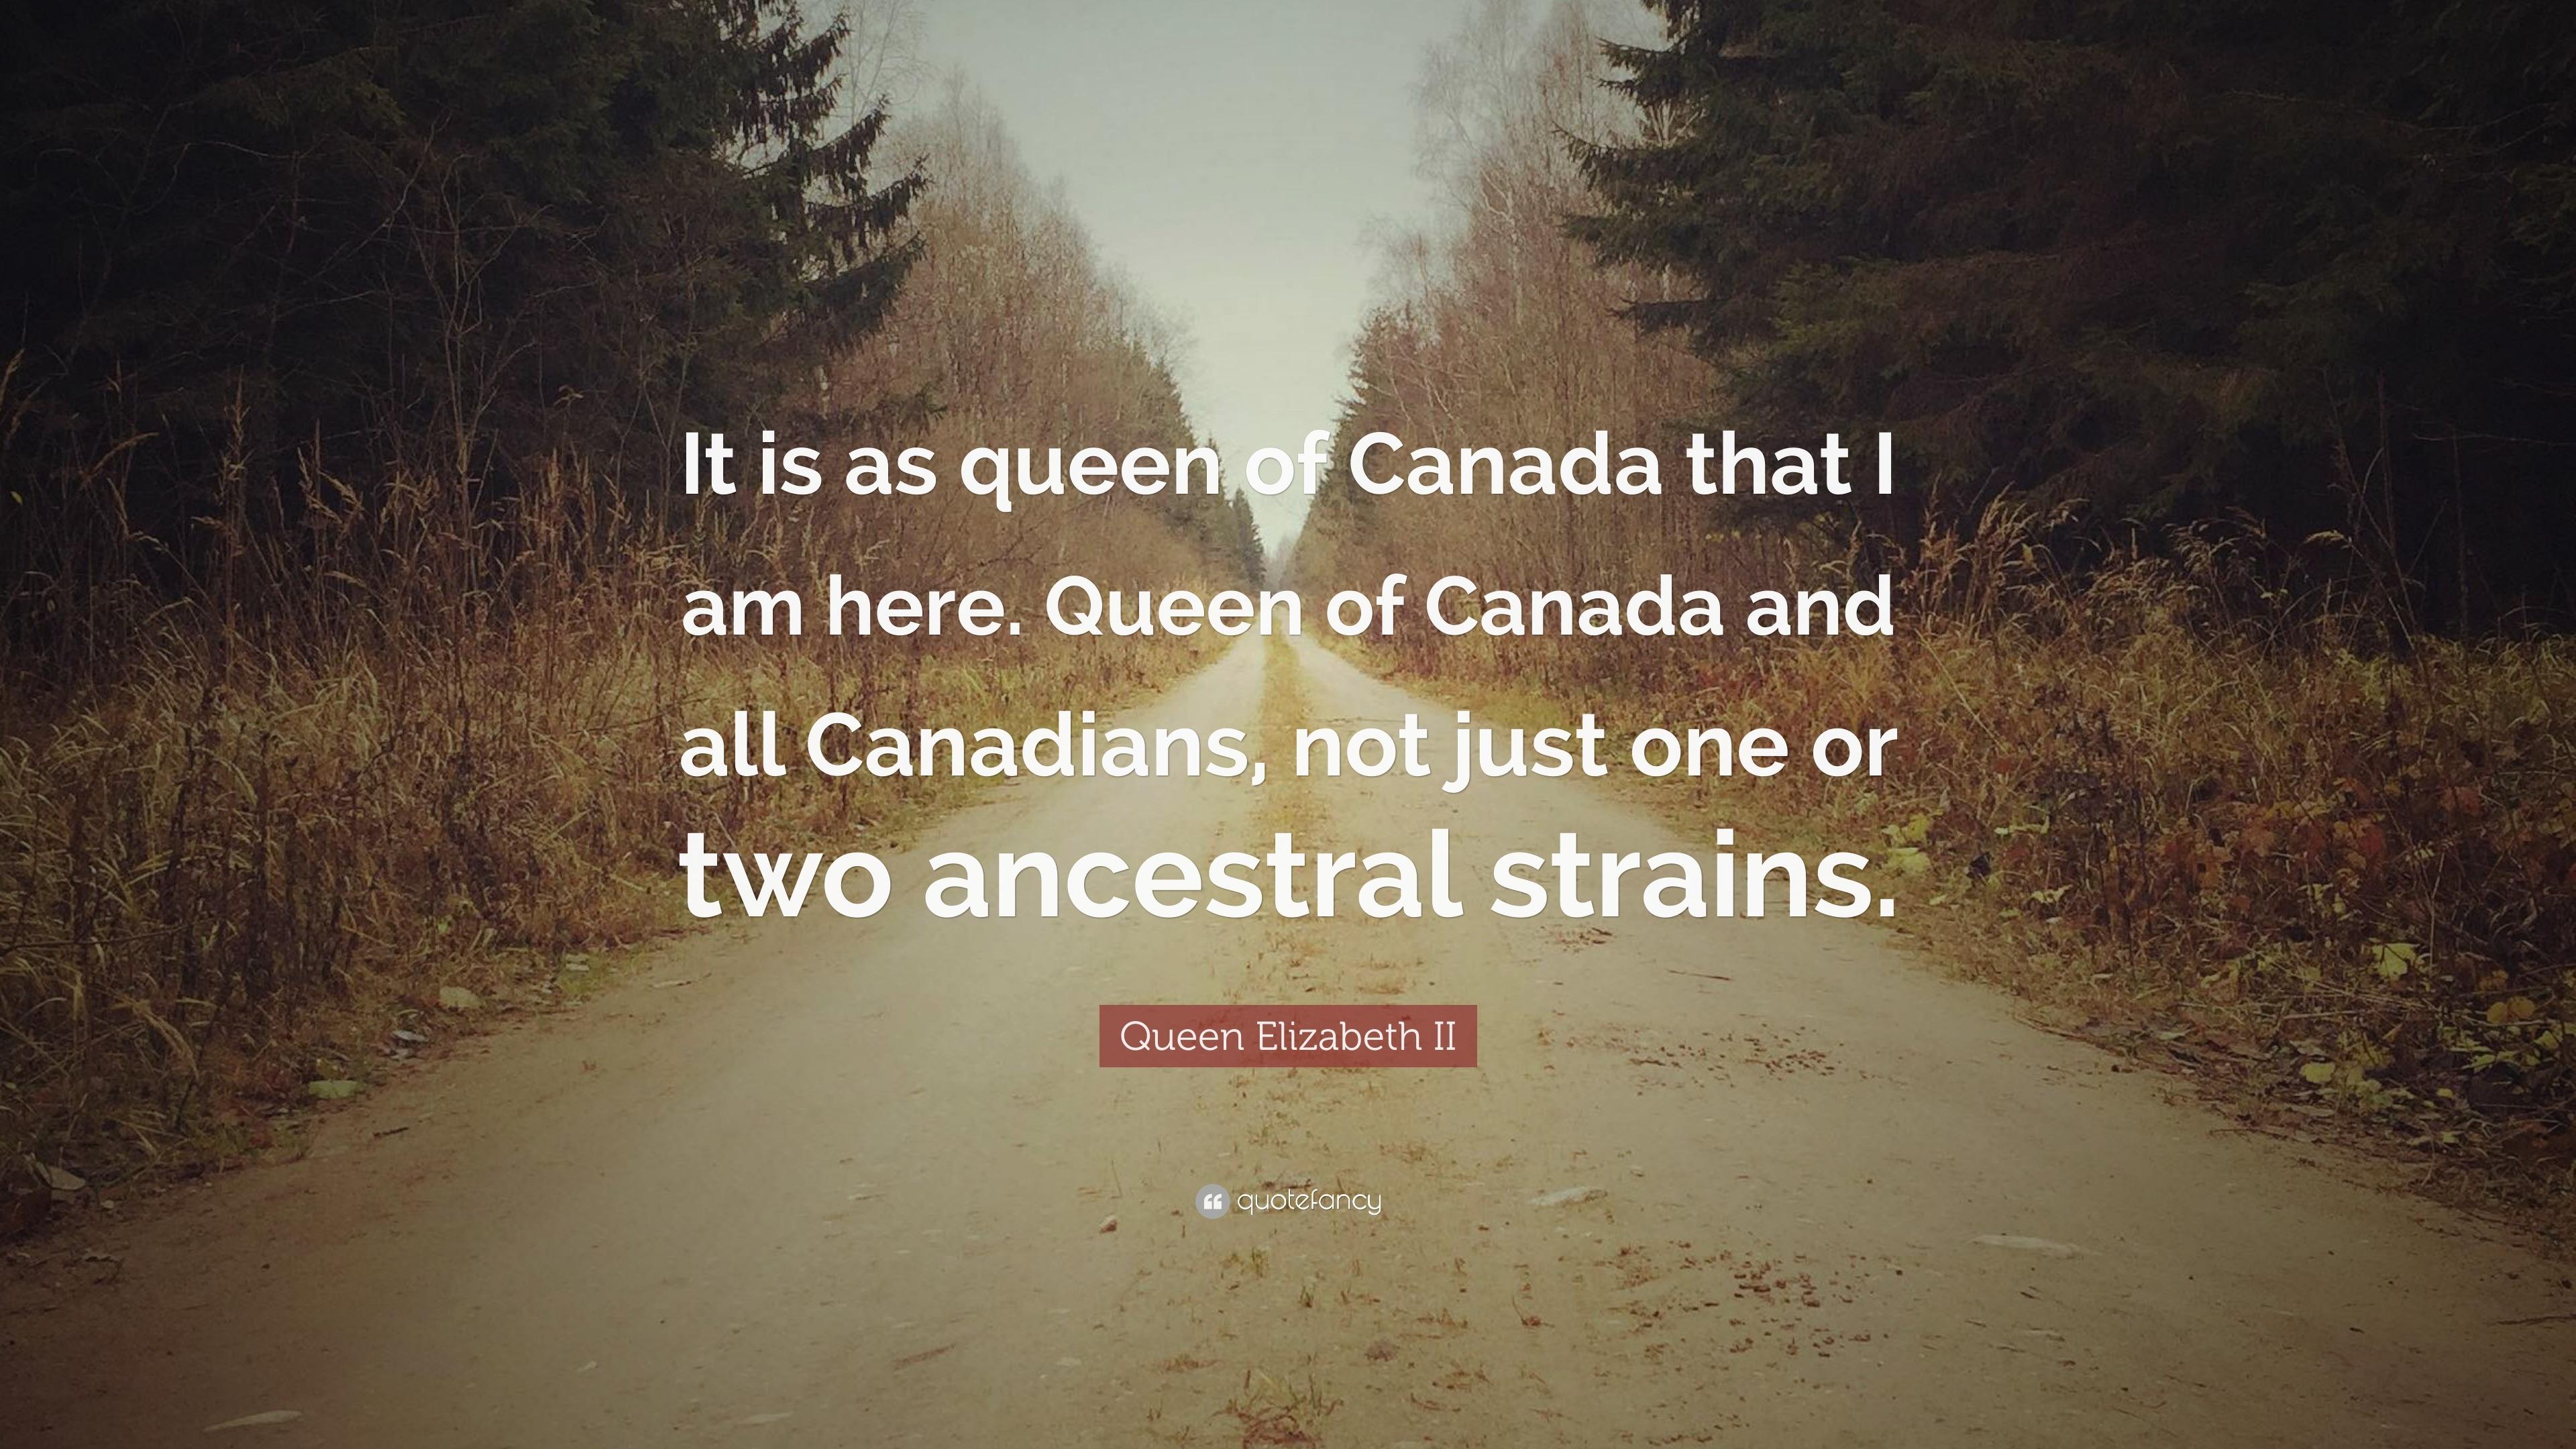 Queen Elizabeth Ii Quote It Is As Queen Of Canada That I Am Here